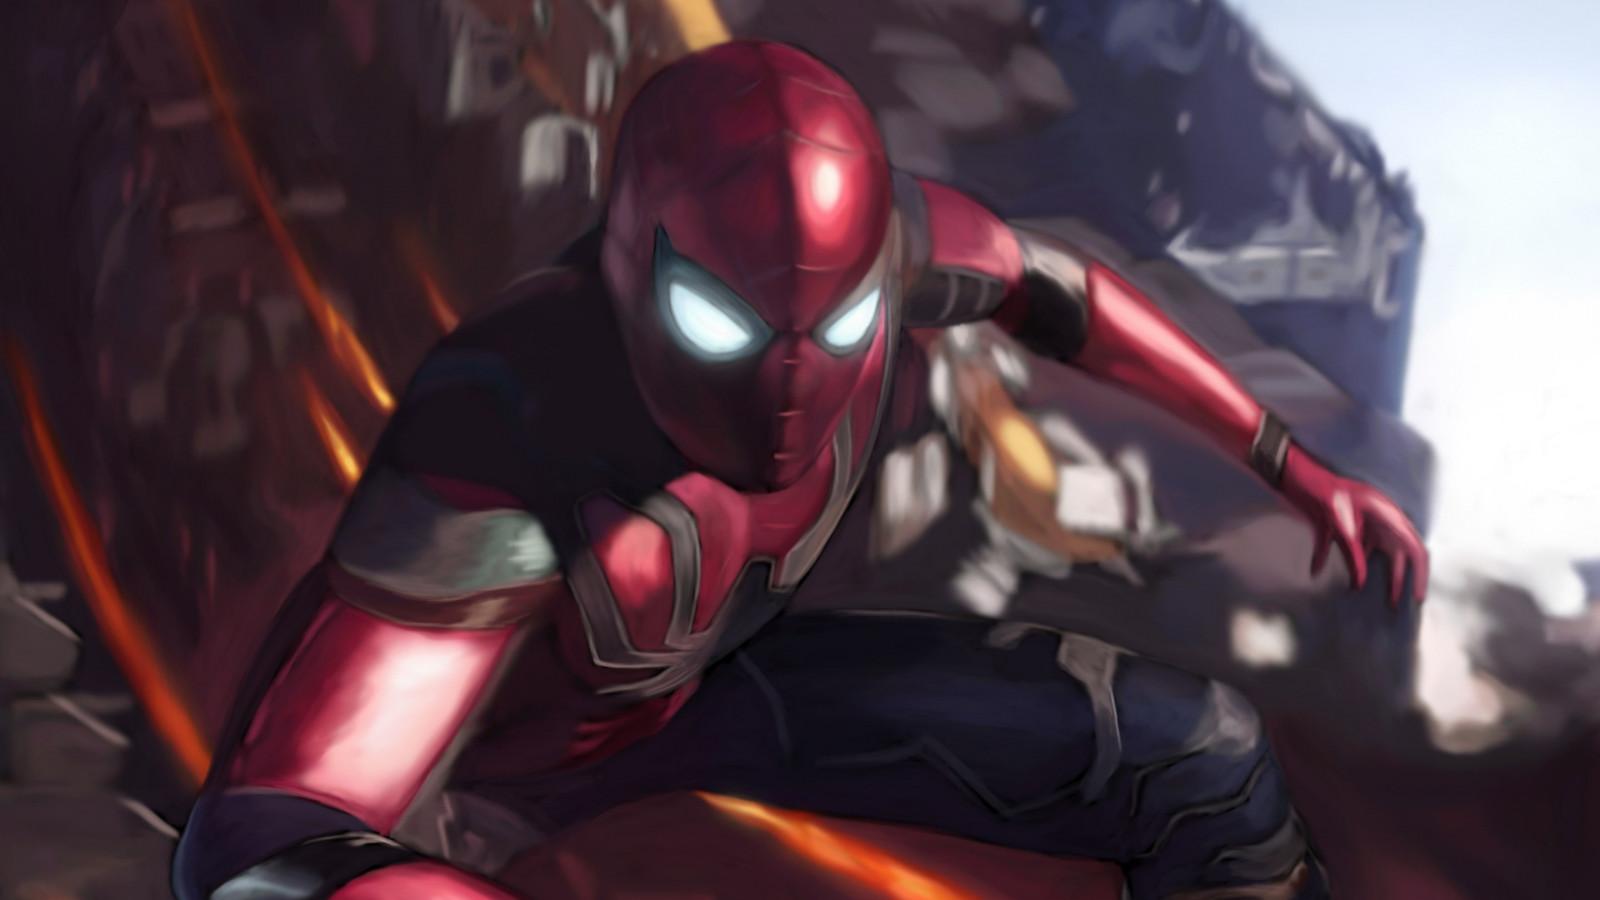 Download Wallpaper Spiderman In Avengers Infinity War 1600x900